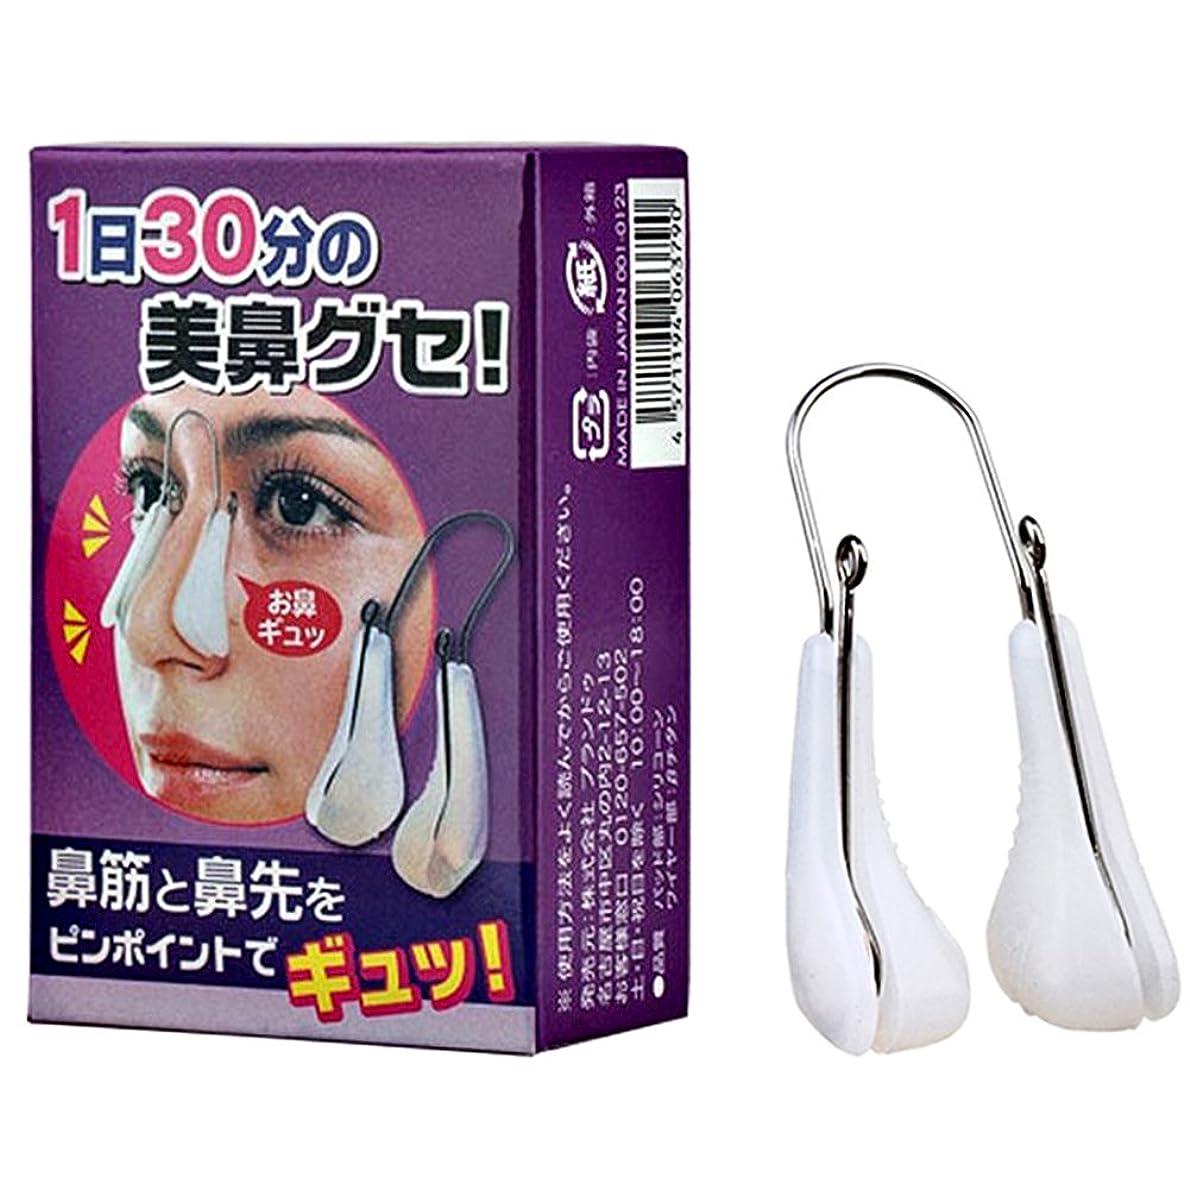 眠り小数カーペット鼻筋ビューティー 鼻クリップ 鼻矯正 鼻美容 1日30分 美鼻ケア